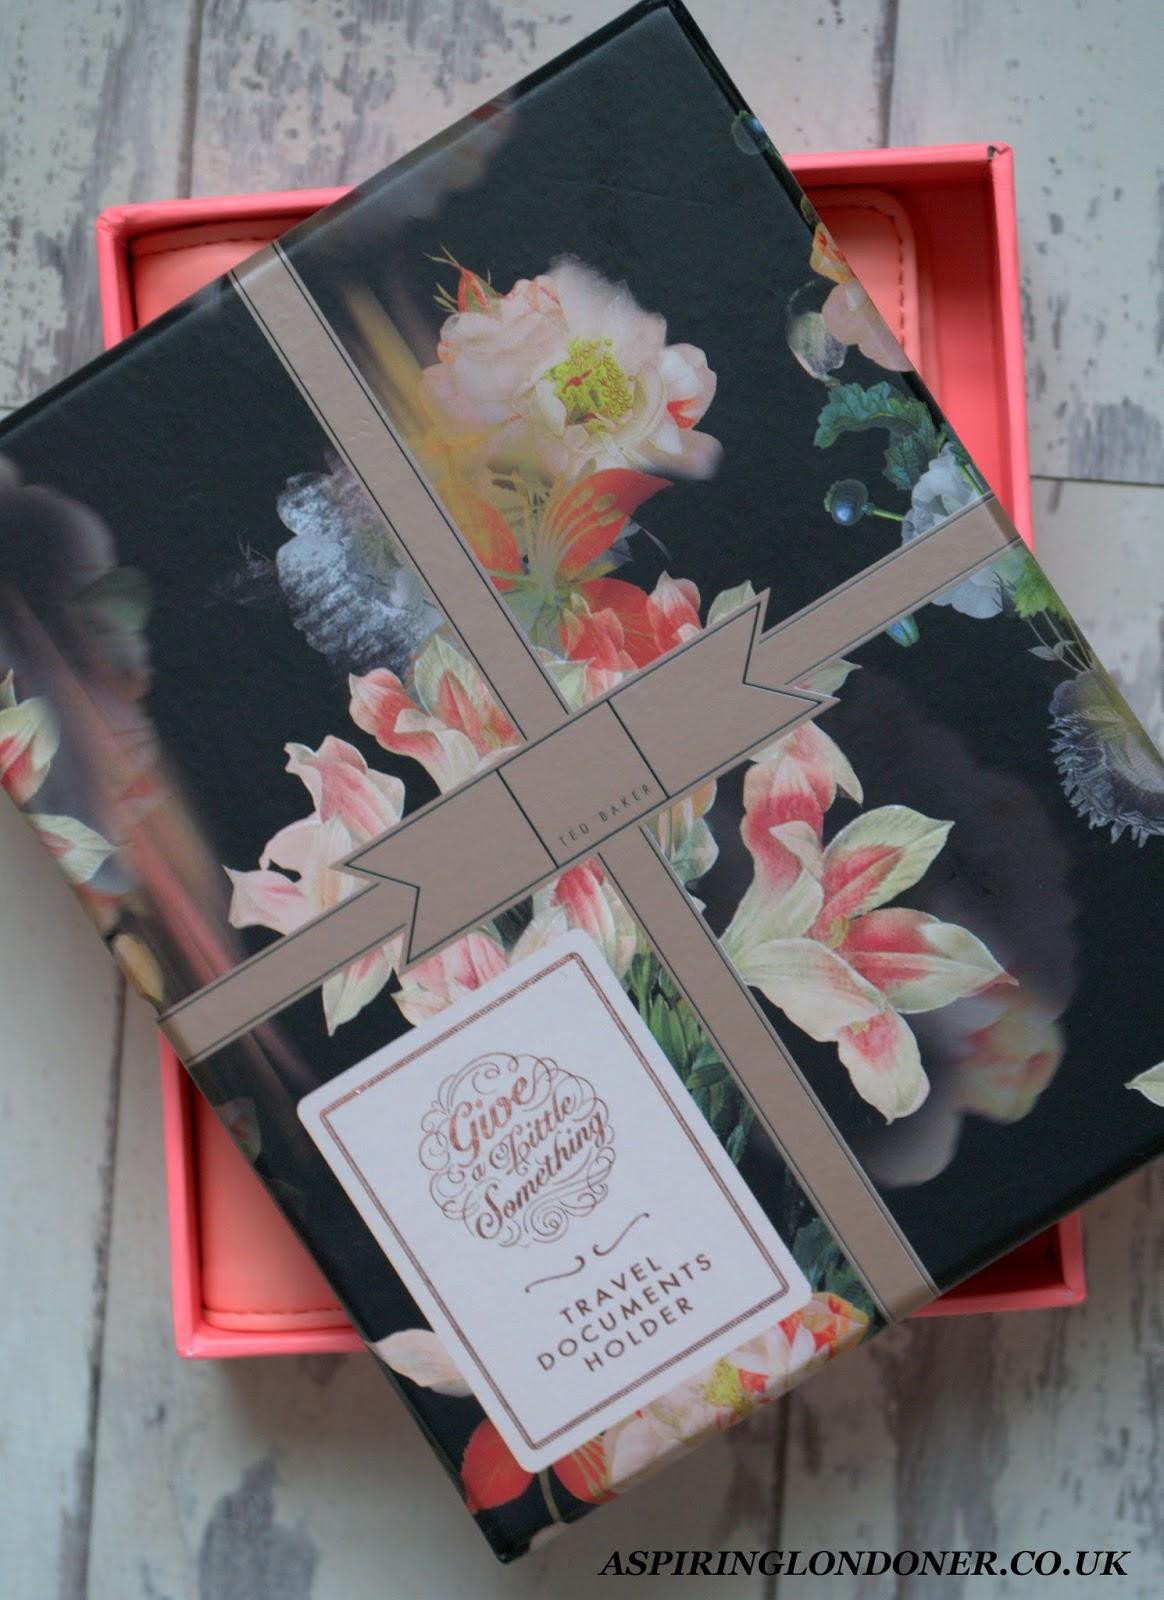 Christmas Gift Guide For Her Ted Baker Travel Document Holder Amara - Aspiring Londoner